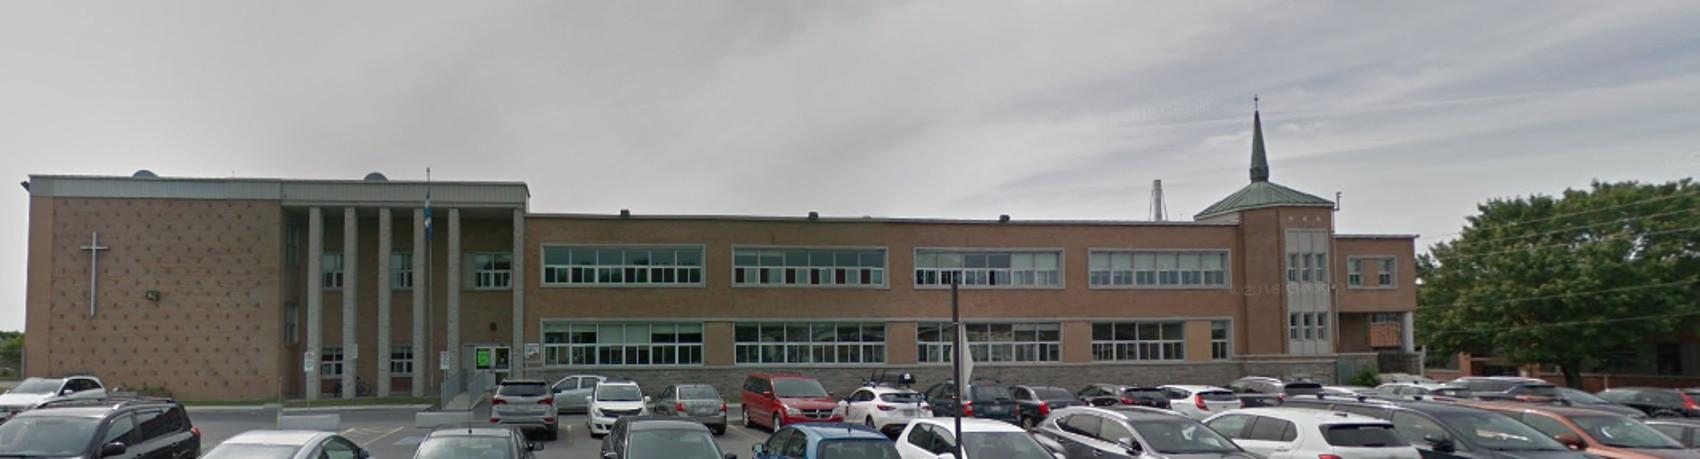 Ecole Sainte-Thérèse-de-l'enfant-jésus